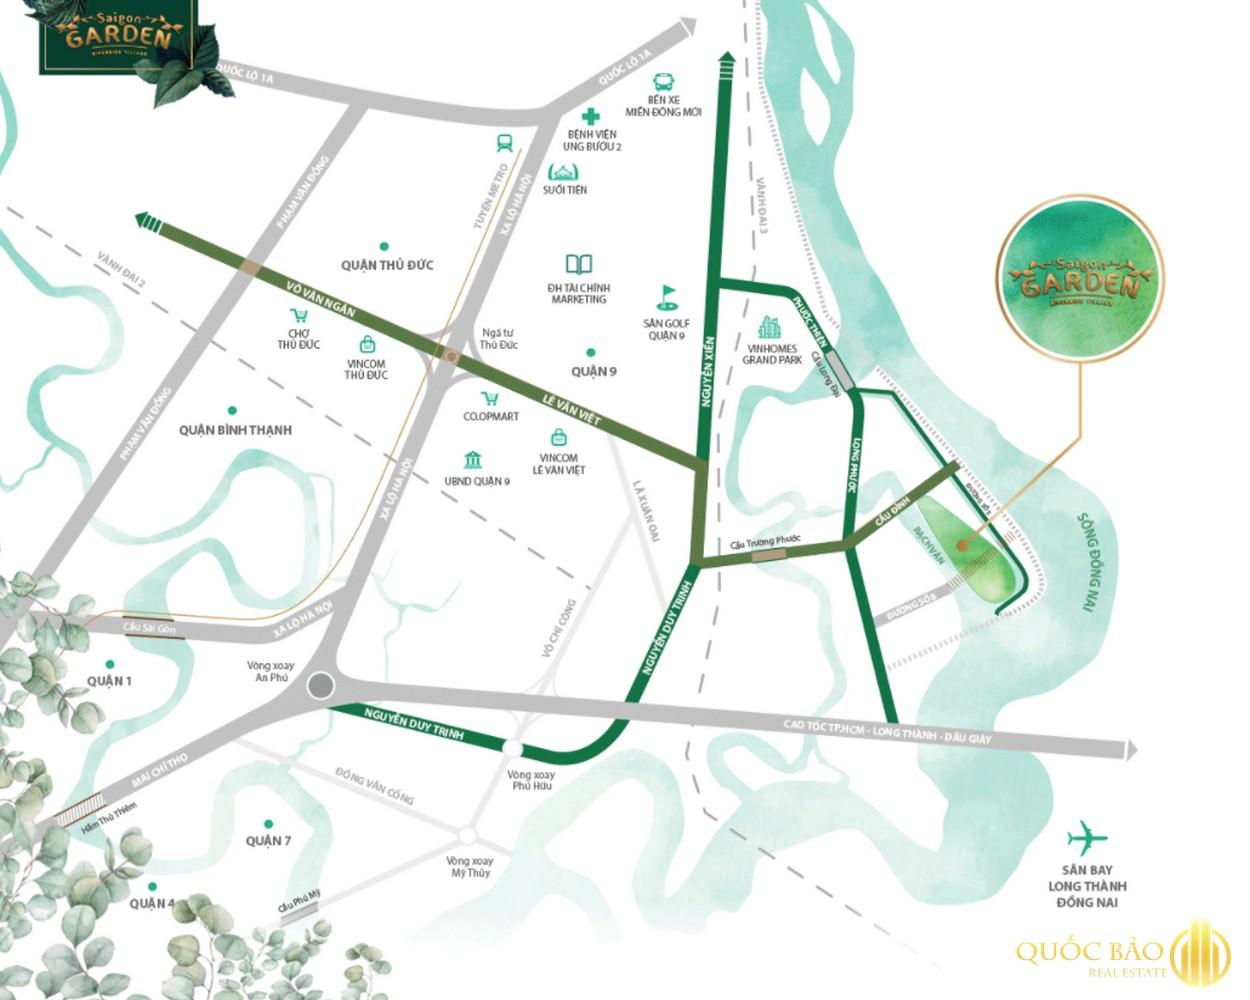 Biệt thự vườn Hưng Thịnh quận 9 - Bảng giá chủ đầu tư Hưng Thịnh 2021